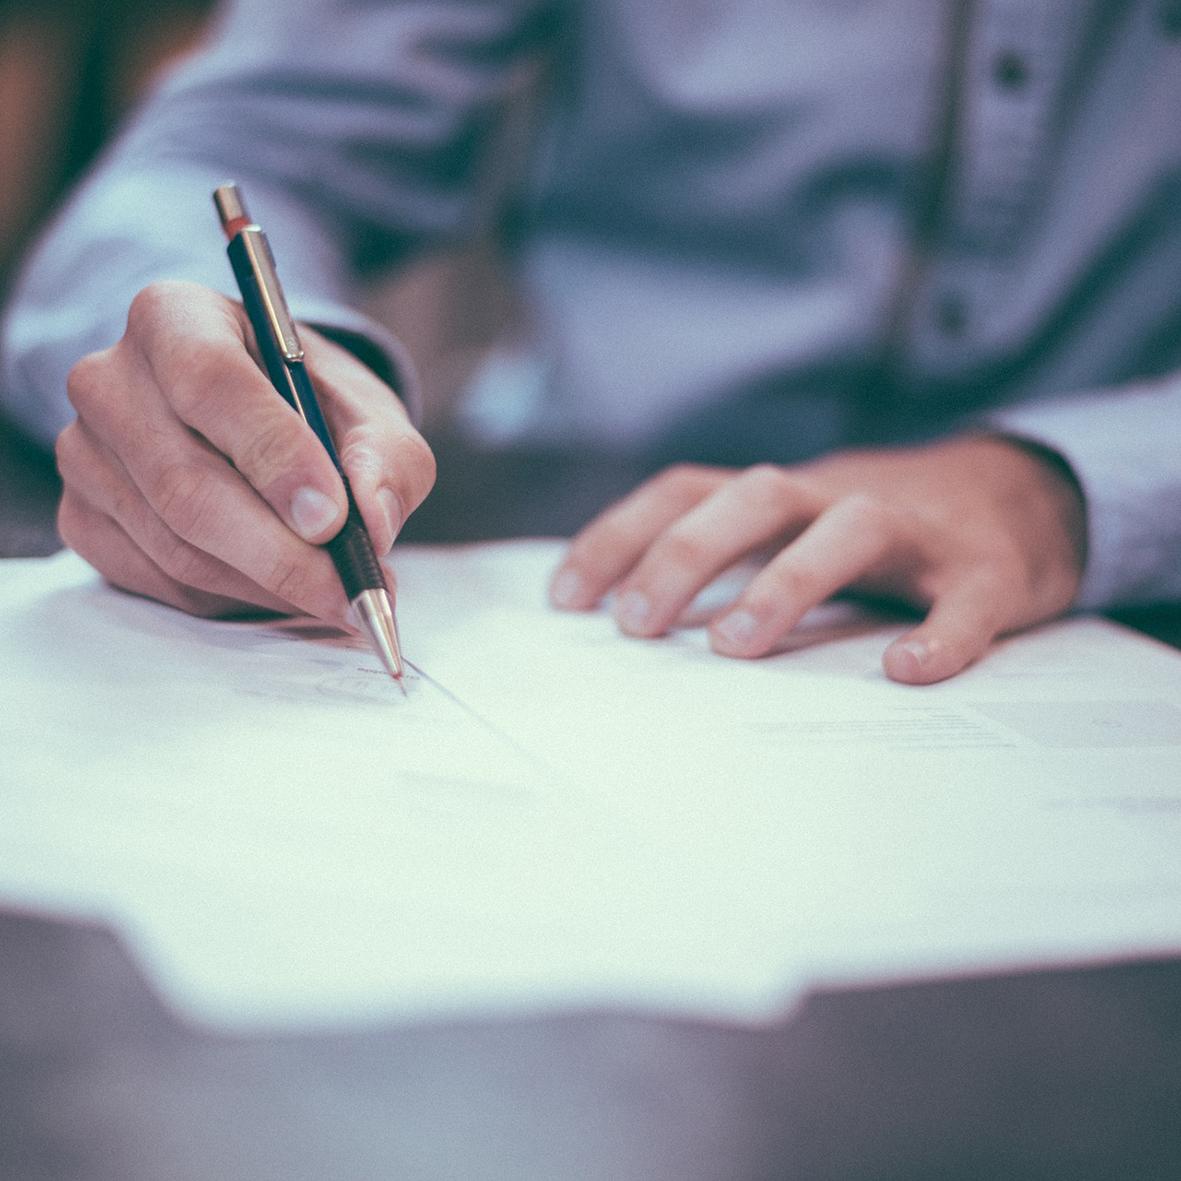 Contractenrecht - Wij adviseren u bij het opstellen van contracten en algemene voorwaarden en staan u bij in contractuele geschillen.